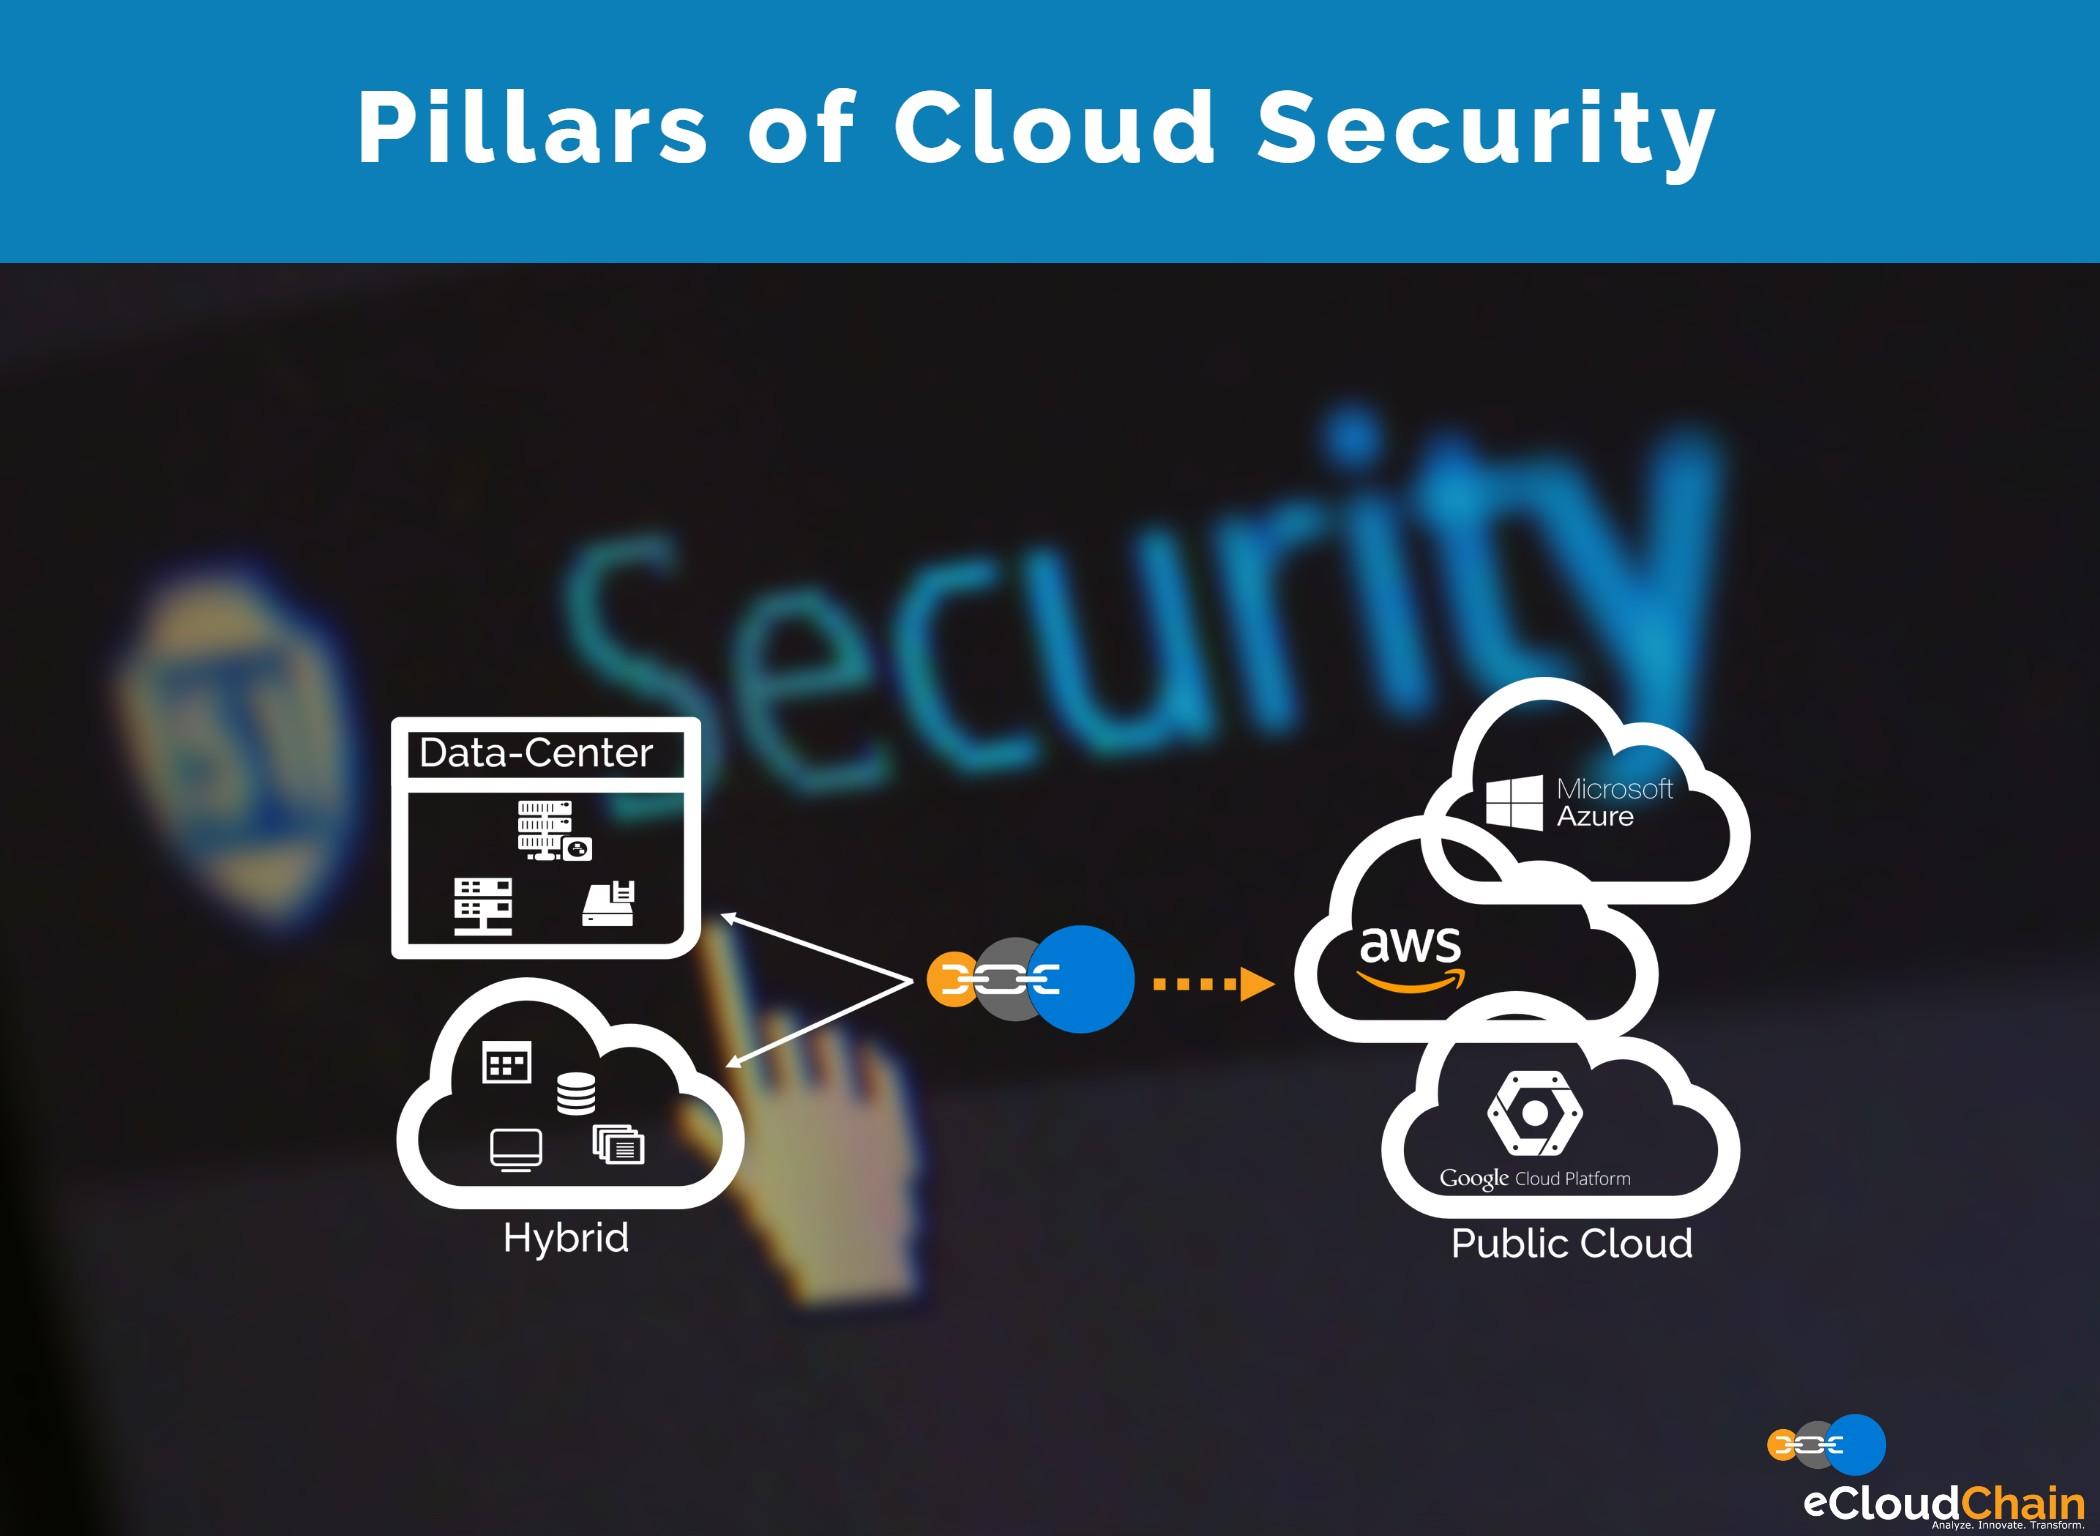 Pillars of Cloud Security